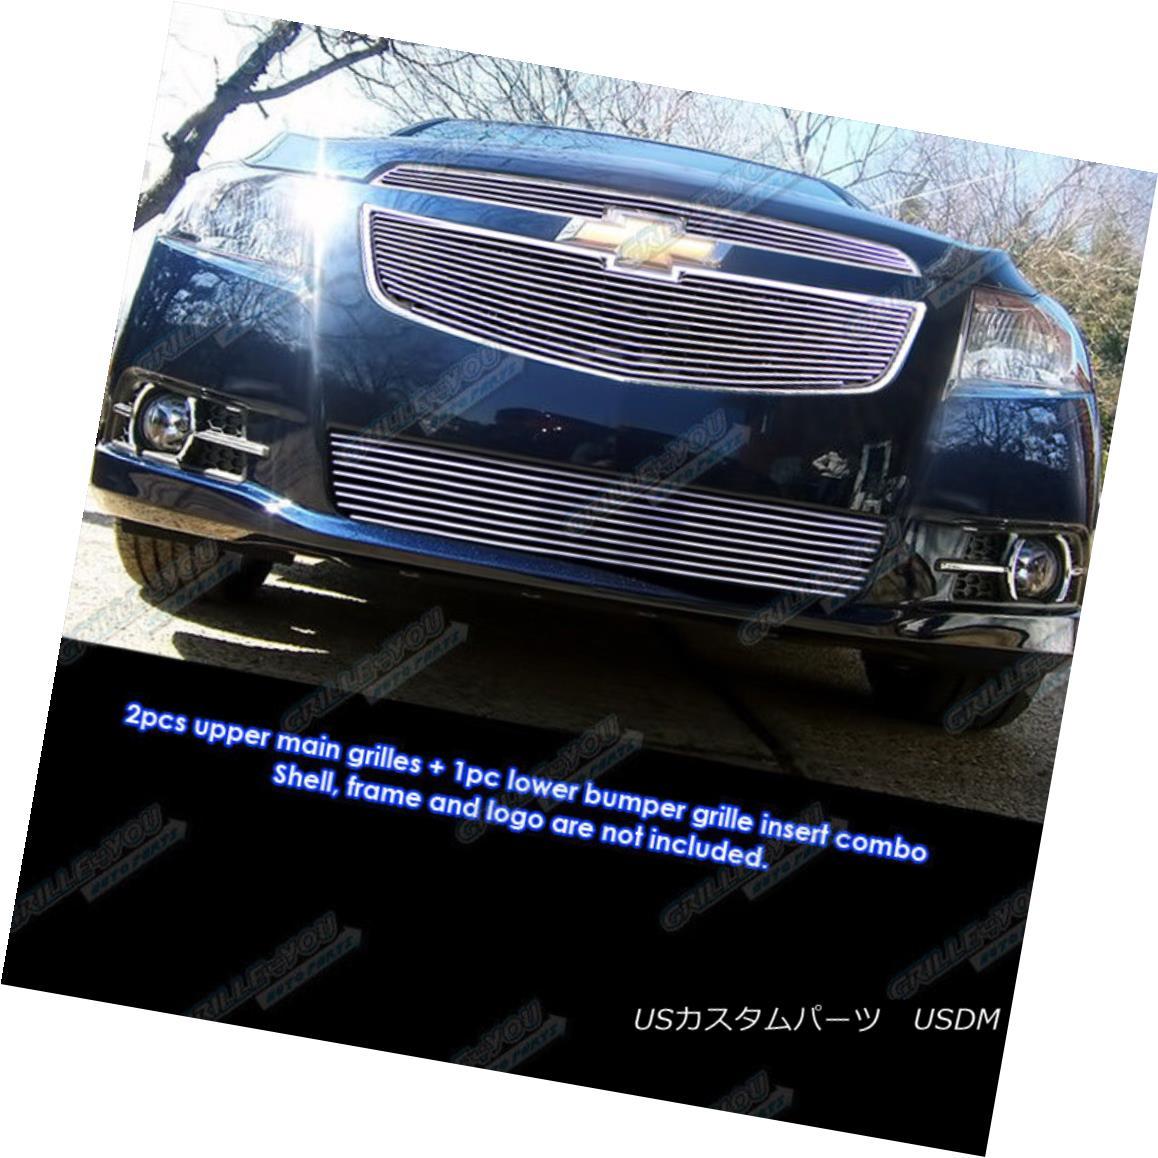 グリル Fits 2011-2014 Chevy Cruze Billet Grille Grill Insert Combo 2011-2014シボレークルーズビレットグリルグリルインサートコンボ